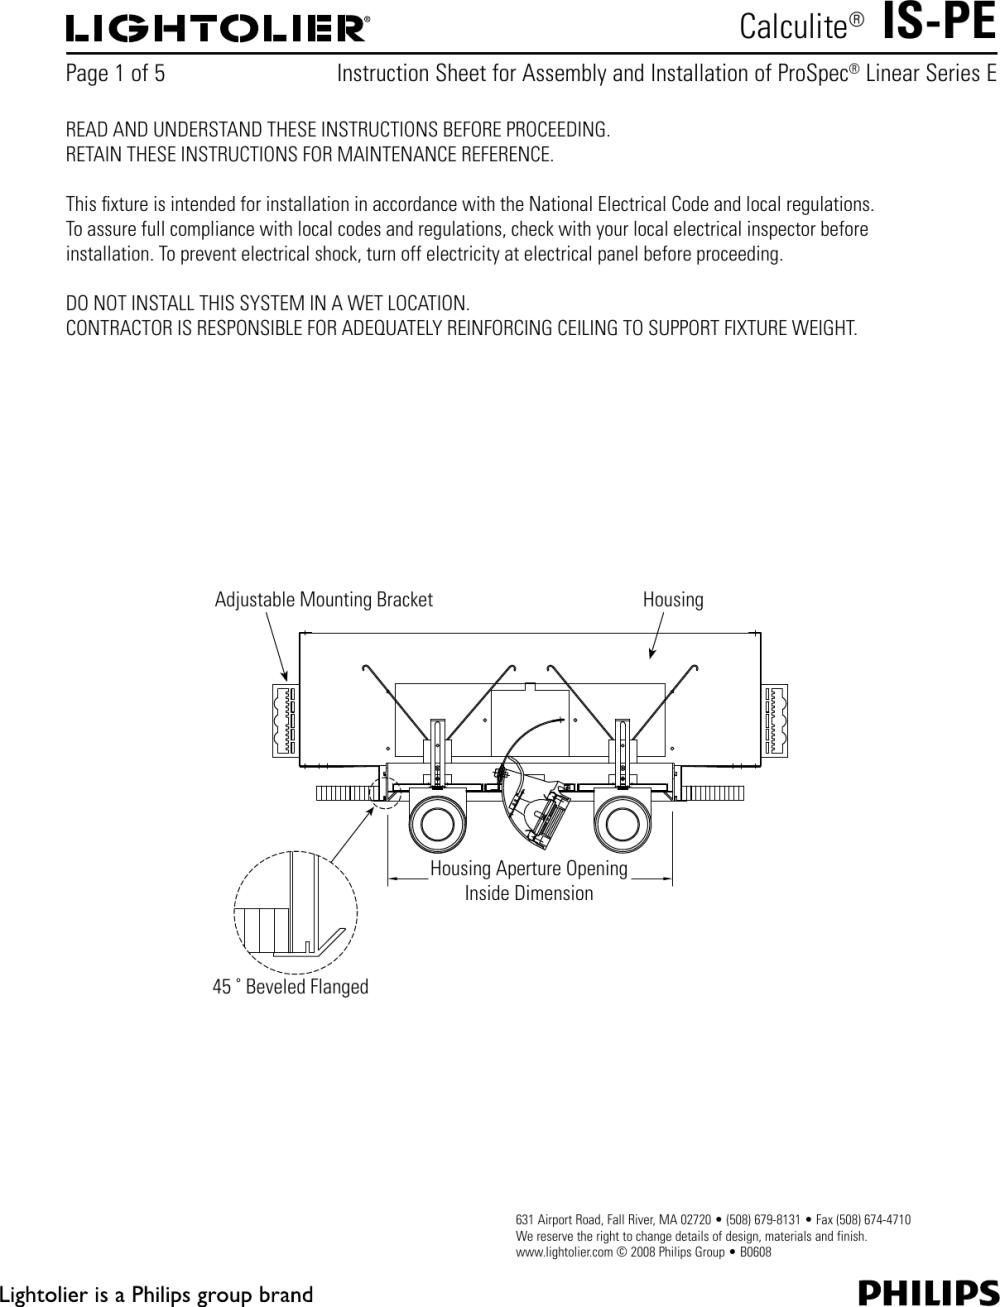 medium resolution of lightolier wiring diagram wiring diagram worldlightolier wiring diagram electrical wiring diagram lightolier zp600 wiring diagram lightolier